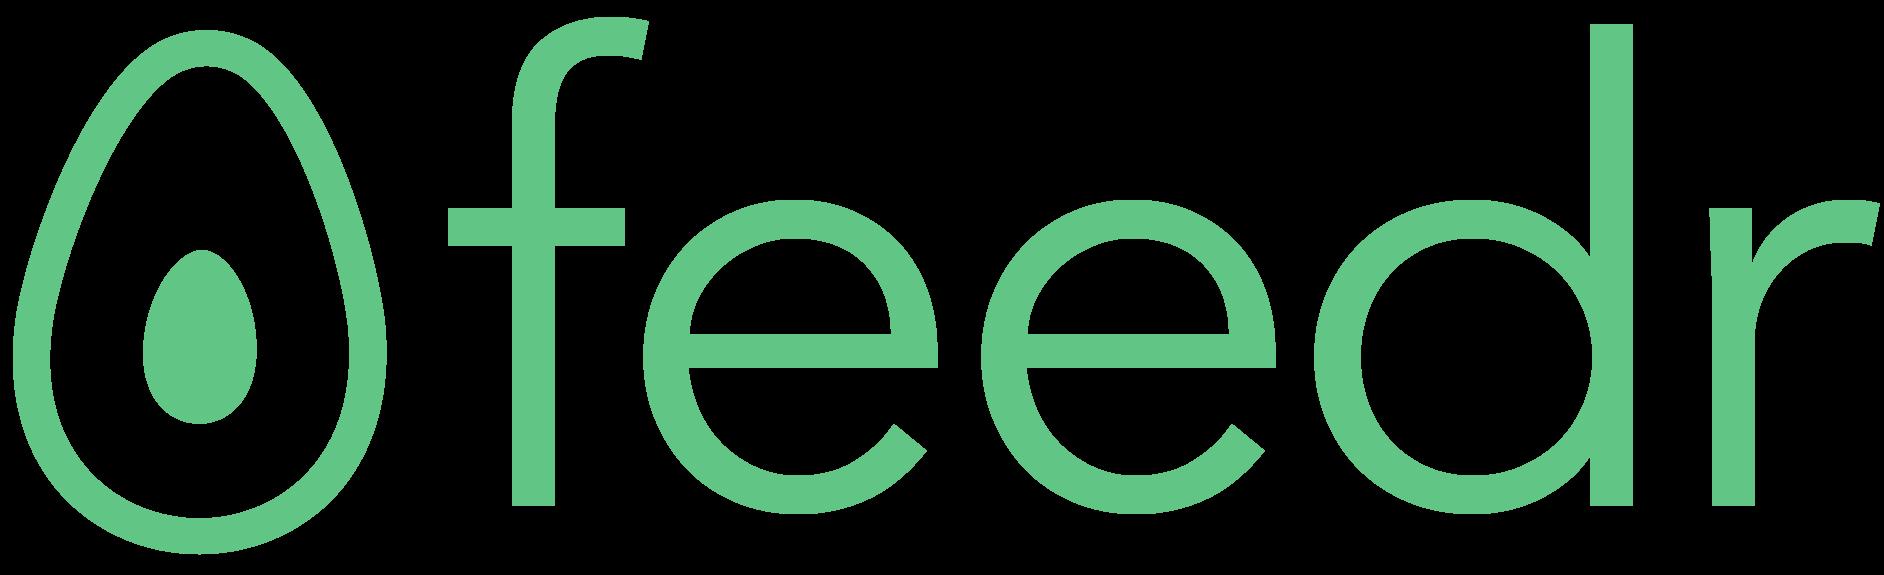 feedr logos 2.png